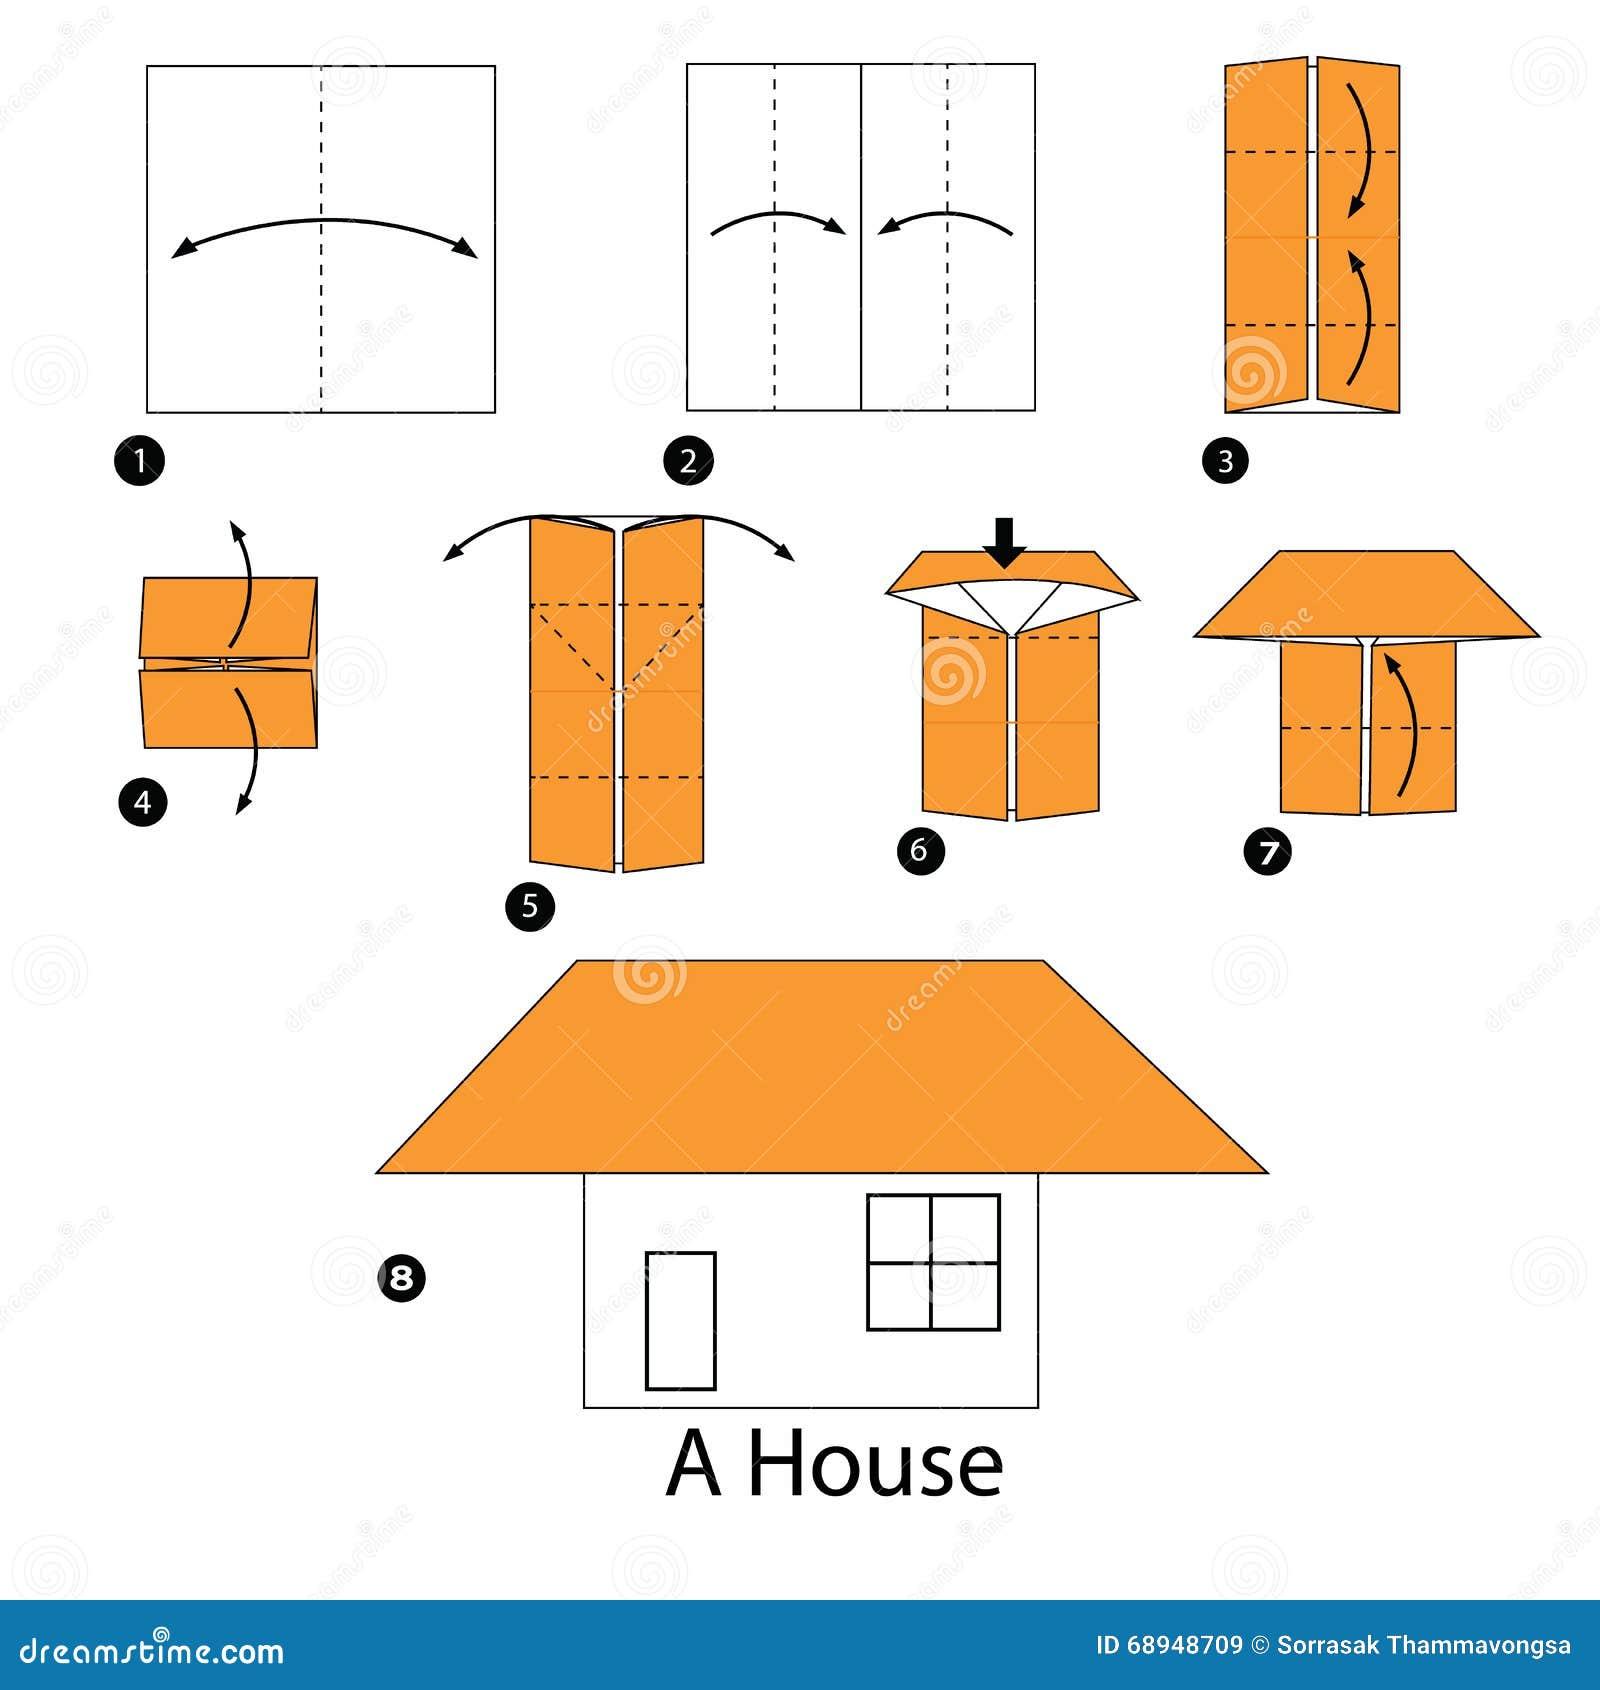 Instrucciones paso a paso c mo hacer papiroflexia una casa - Pasos para construir una casa ...